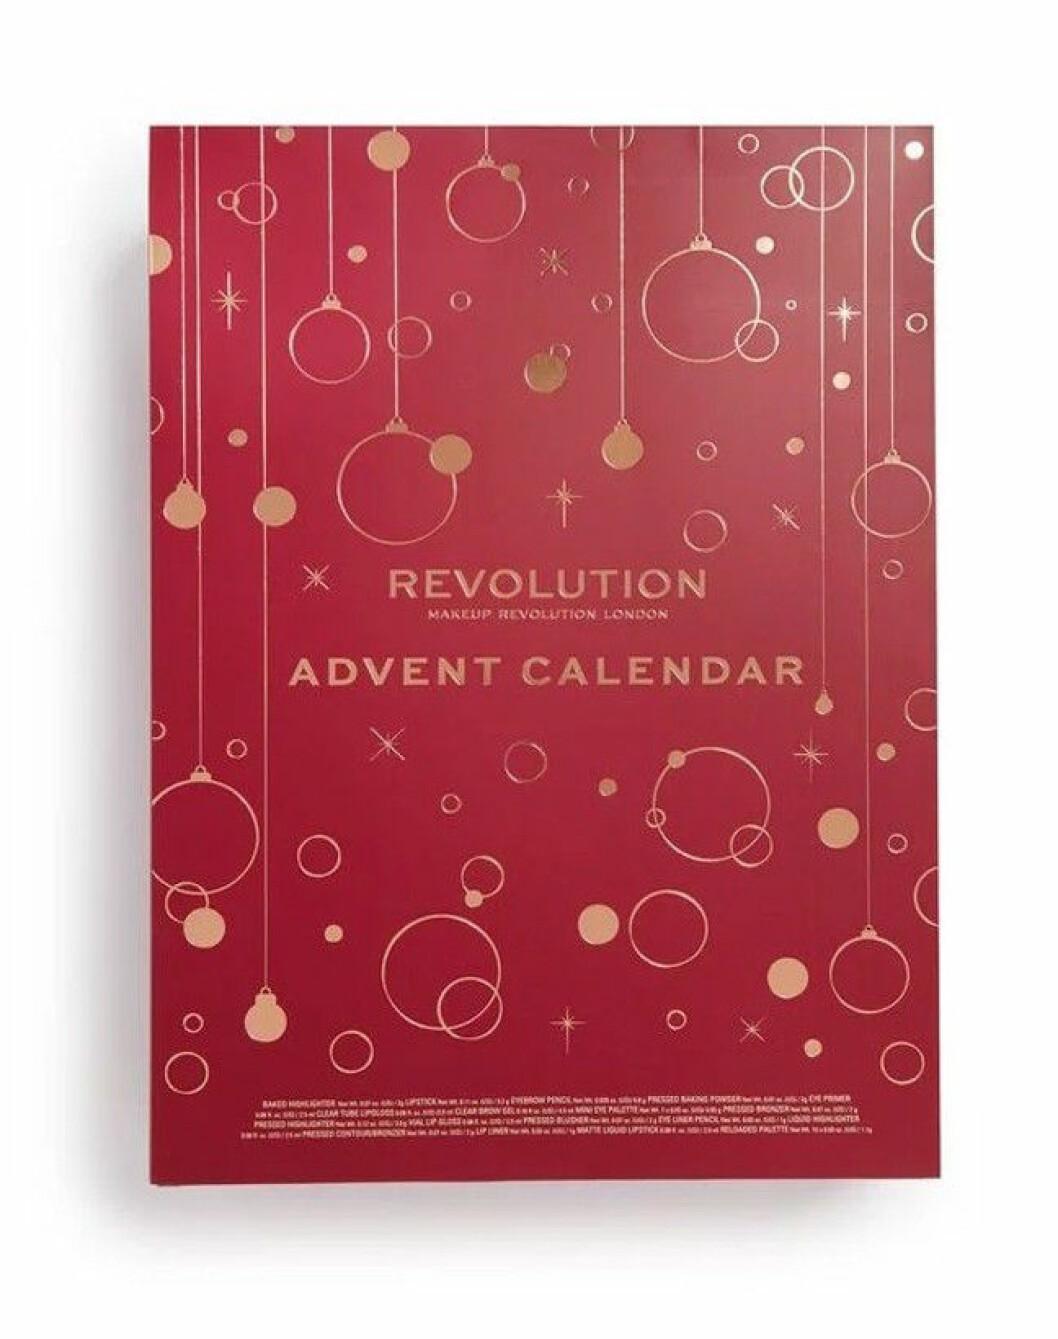 Adventskalender med smink för vuxna till julen 2019, från Revolution